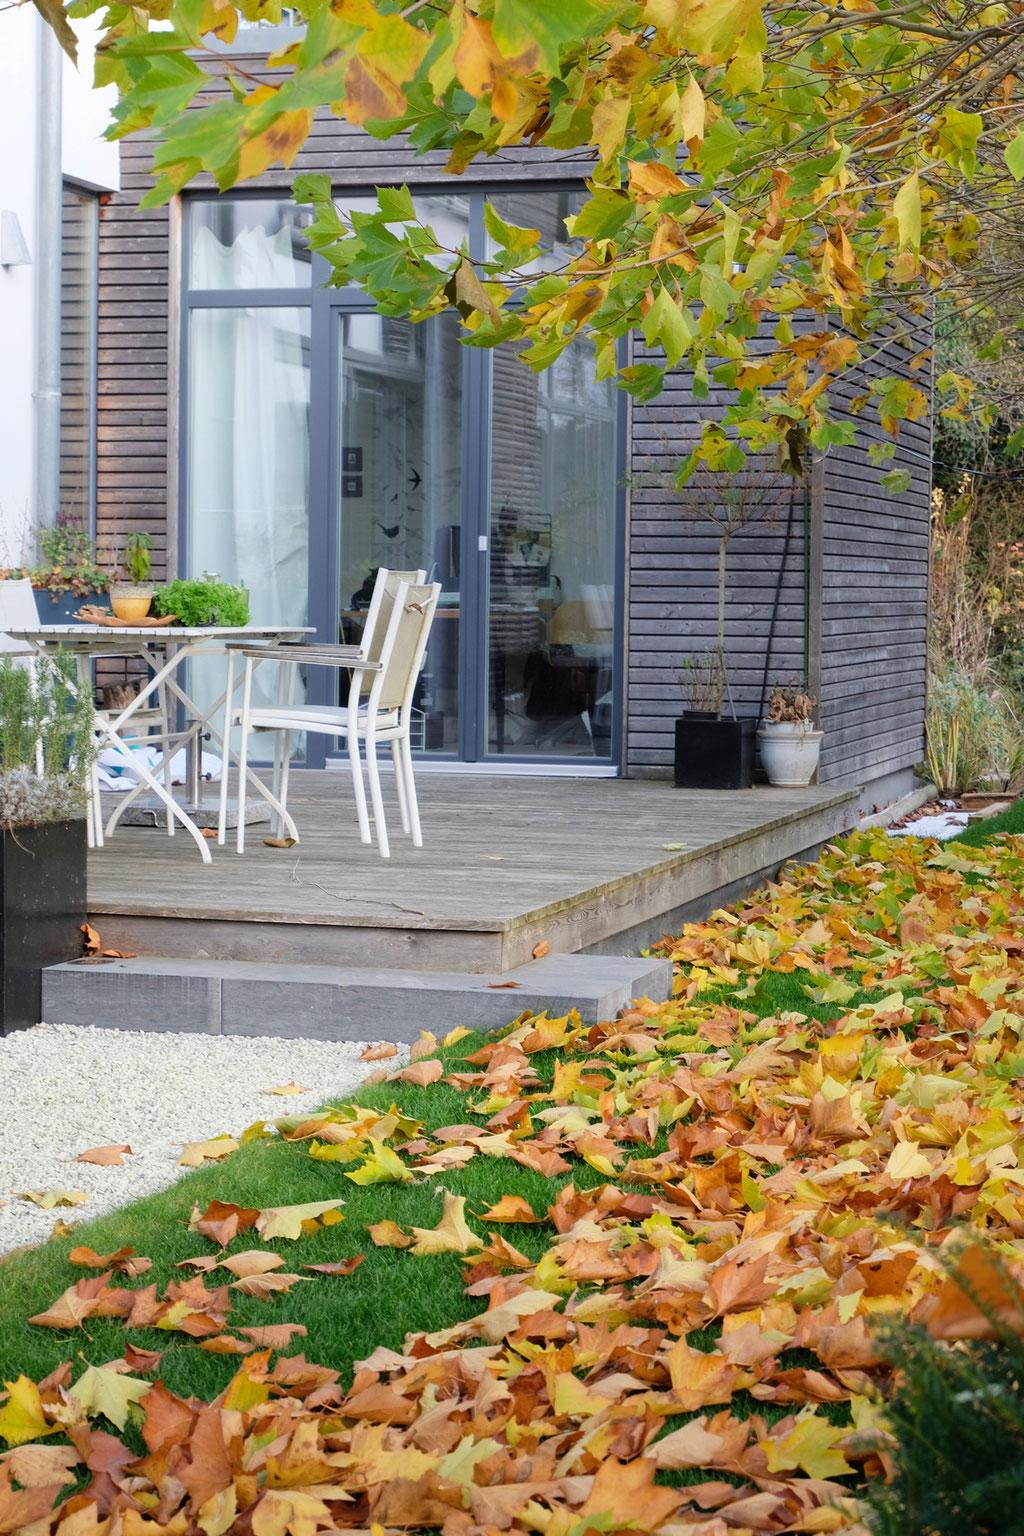 dieartigeGARTEN - Novembergarten | Platanen-Laub, Herbstlaub, goldener Herbst, Blattgold+Südterrasse+Holzfassade